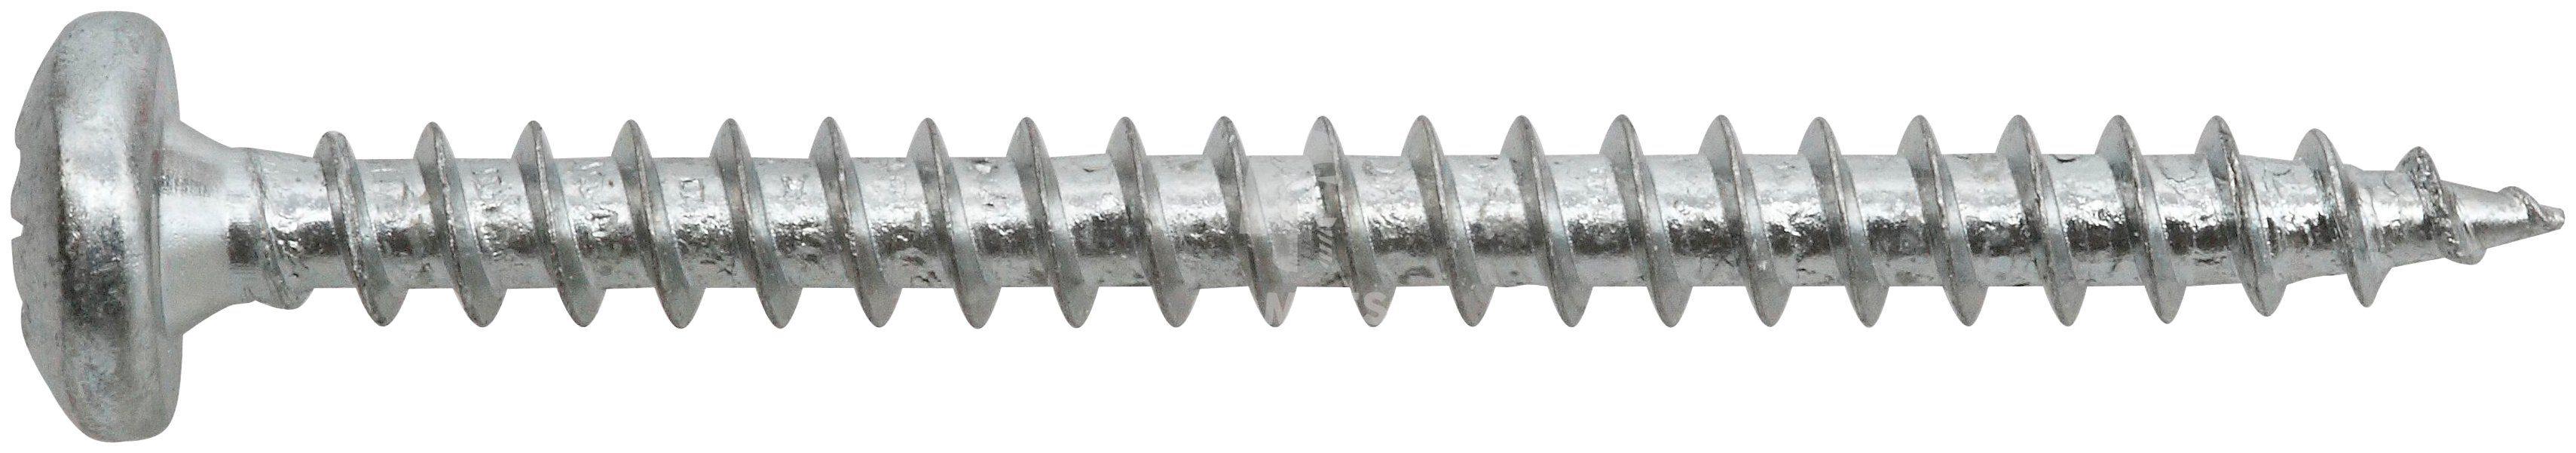 RAMSES Schrauben , Spanplattenschraube 4 x 40 mm PZ2 200 Stk.